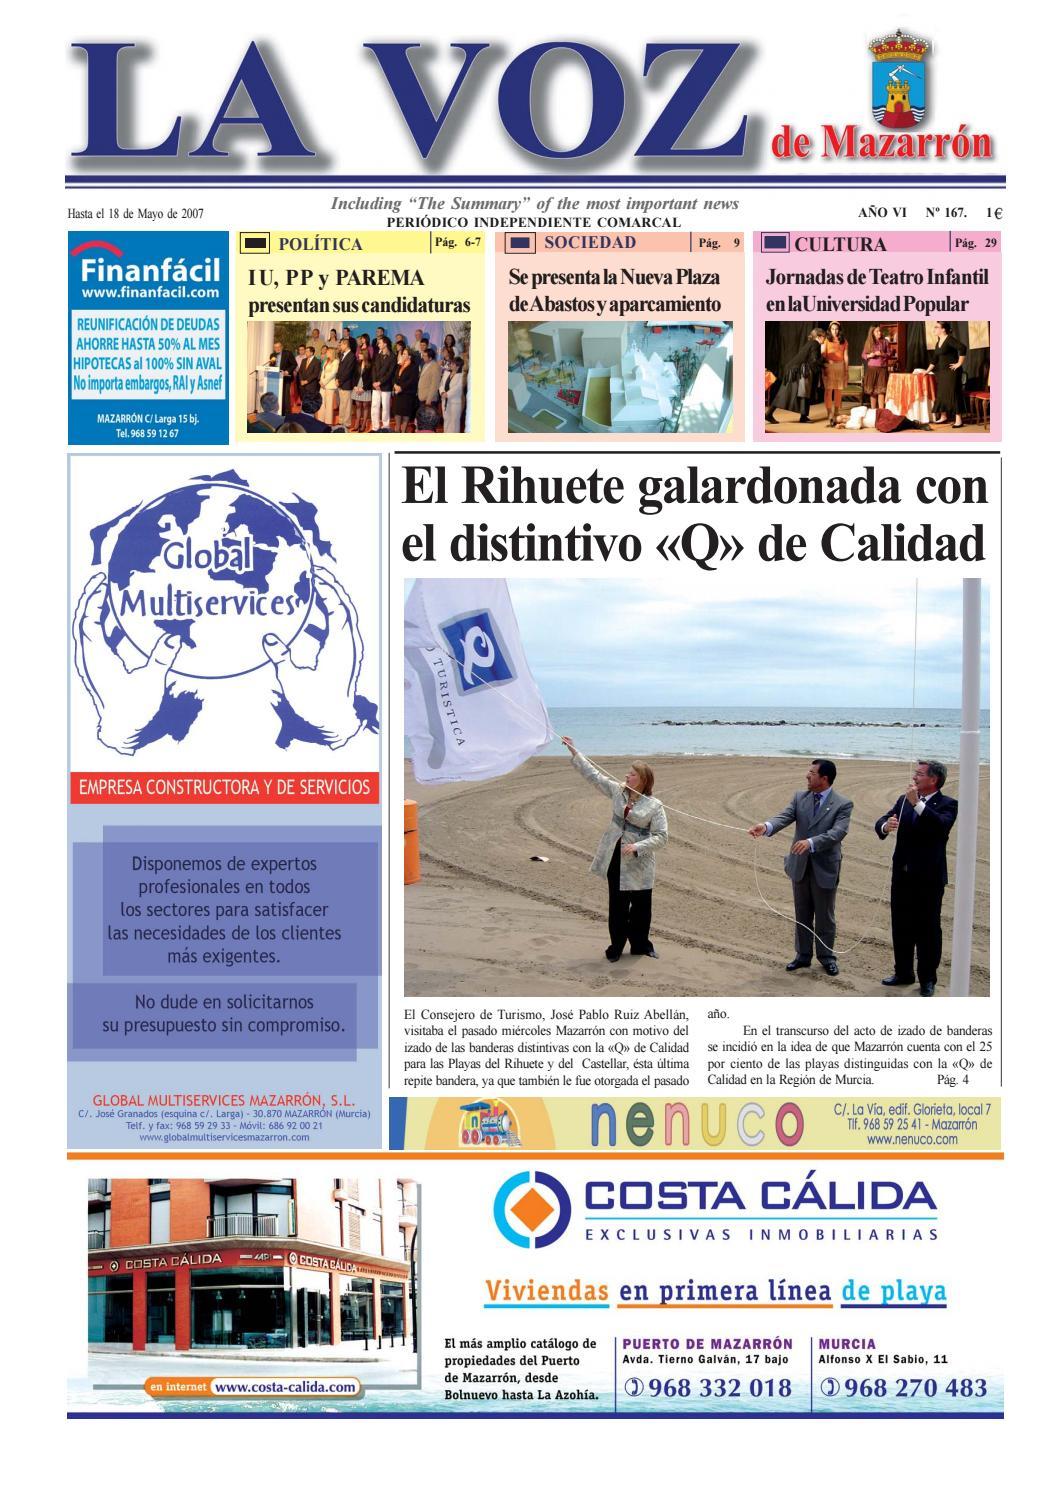 Voz167 by La Voz de Mazarrón (Periódico) - issuu